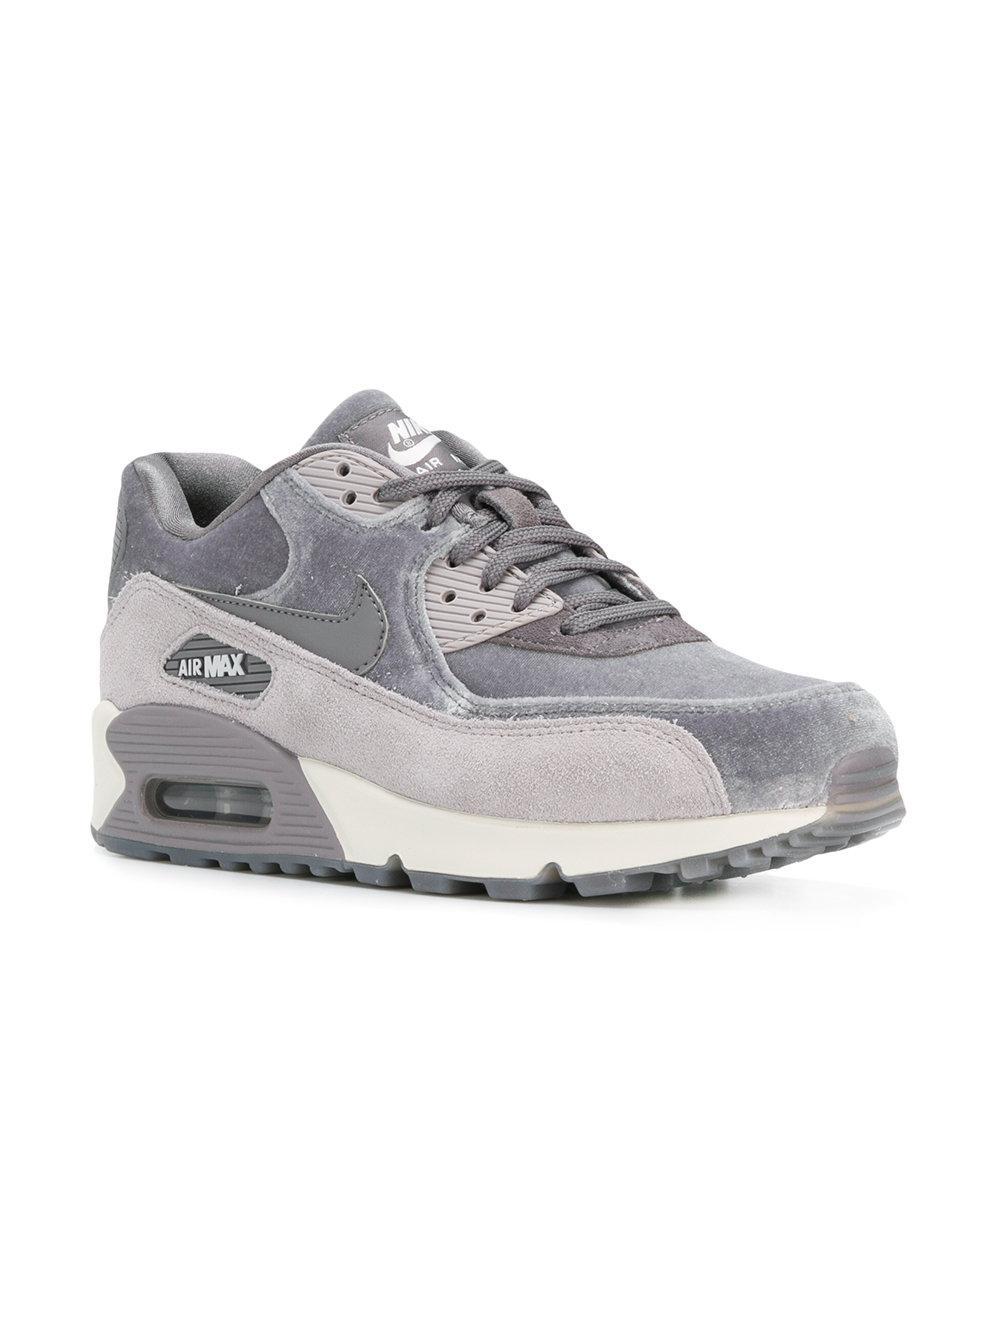 Nike Suede Air Max 90 Lx Sneakers in Grey (Grey)